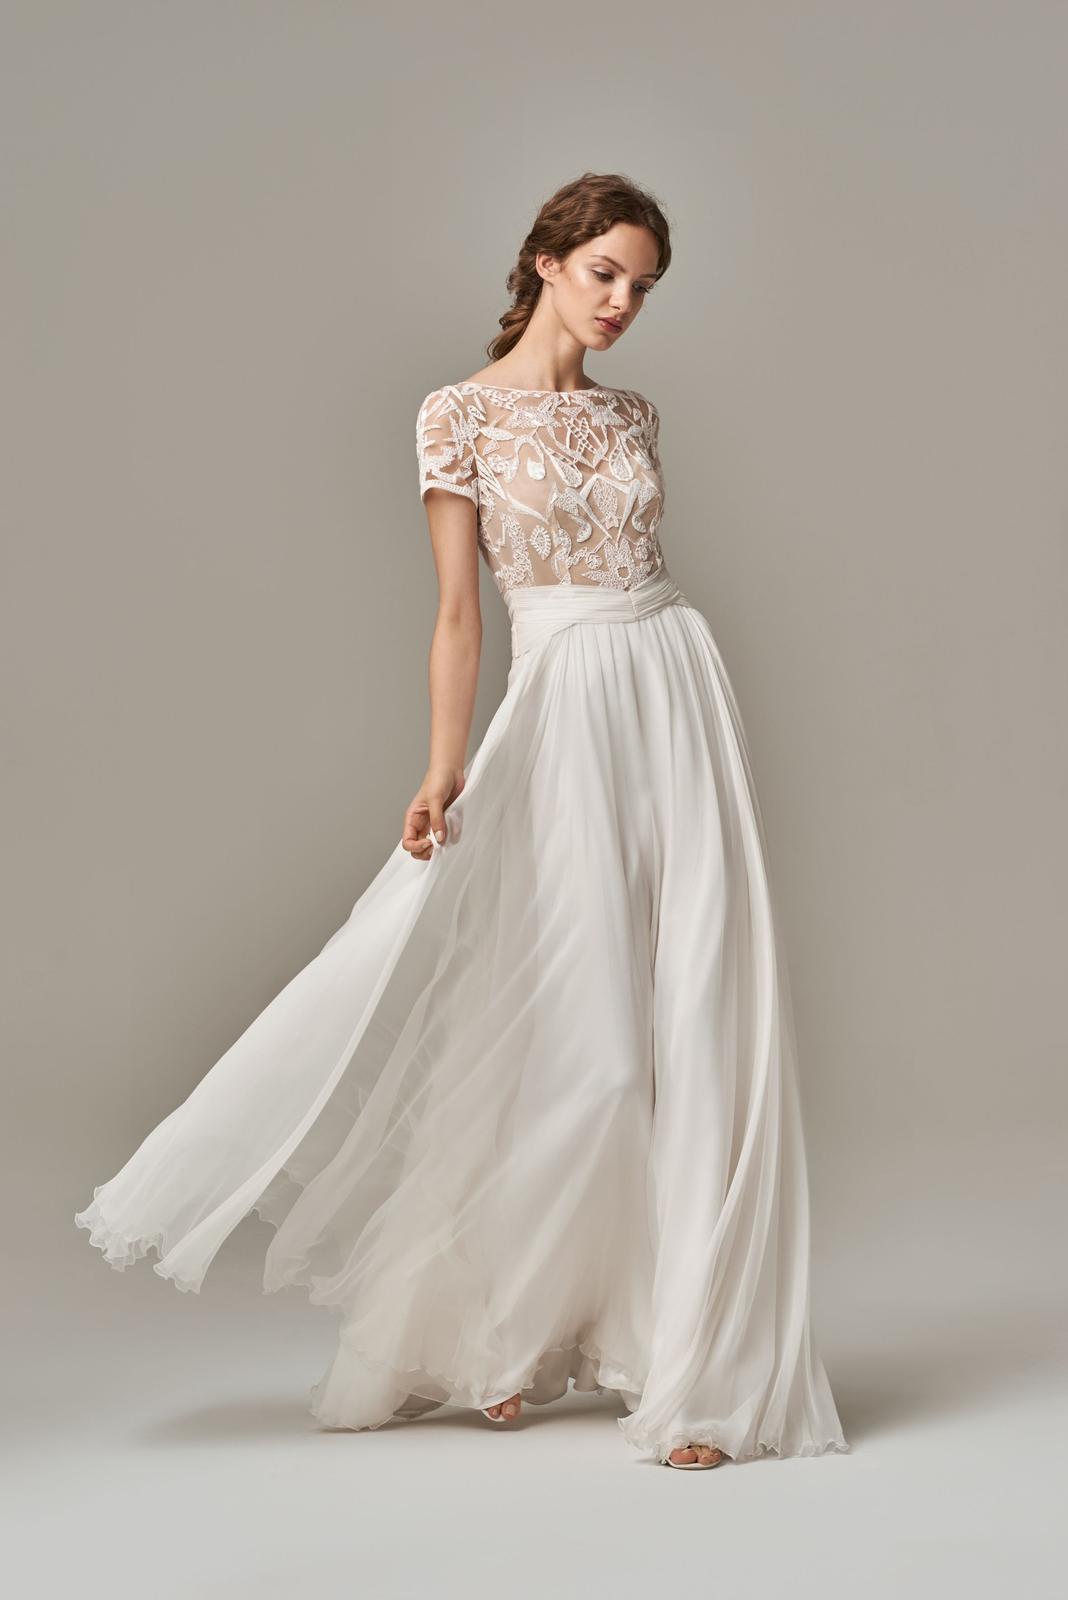 Anna Kara * Svadobné šaty z kolekcií na rok 2019 - Obrázok č. 10